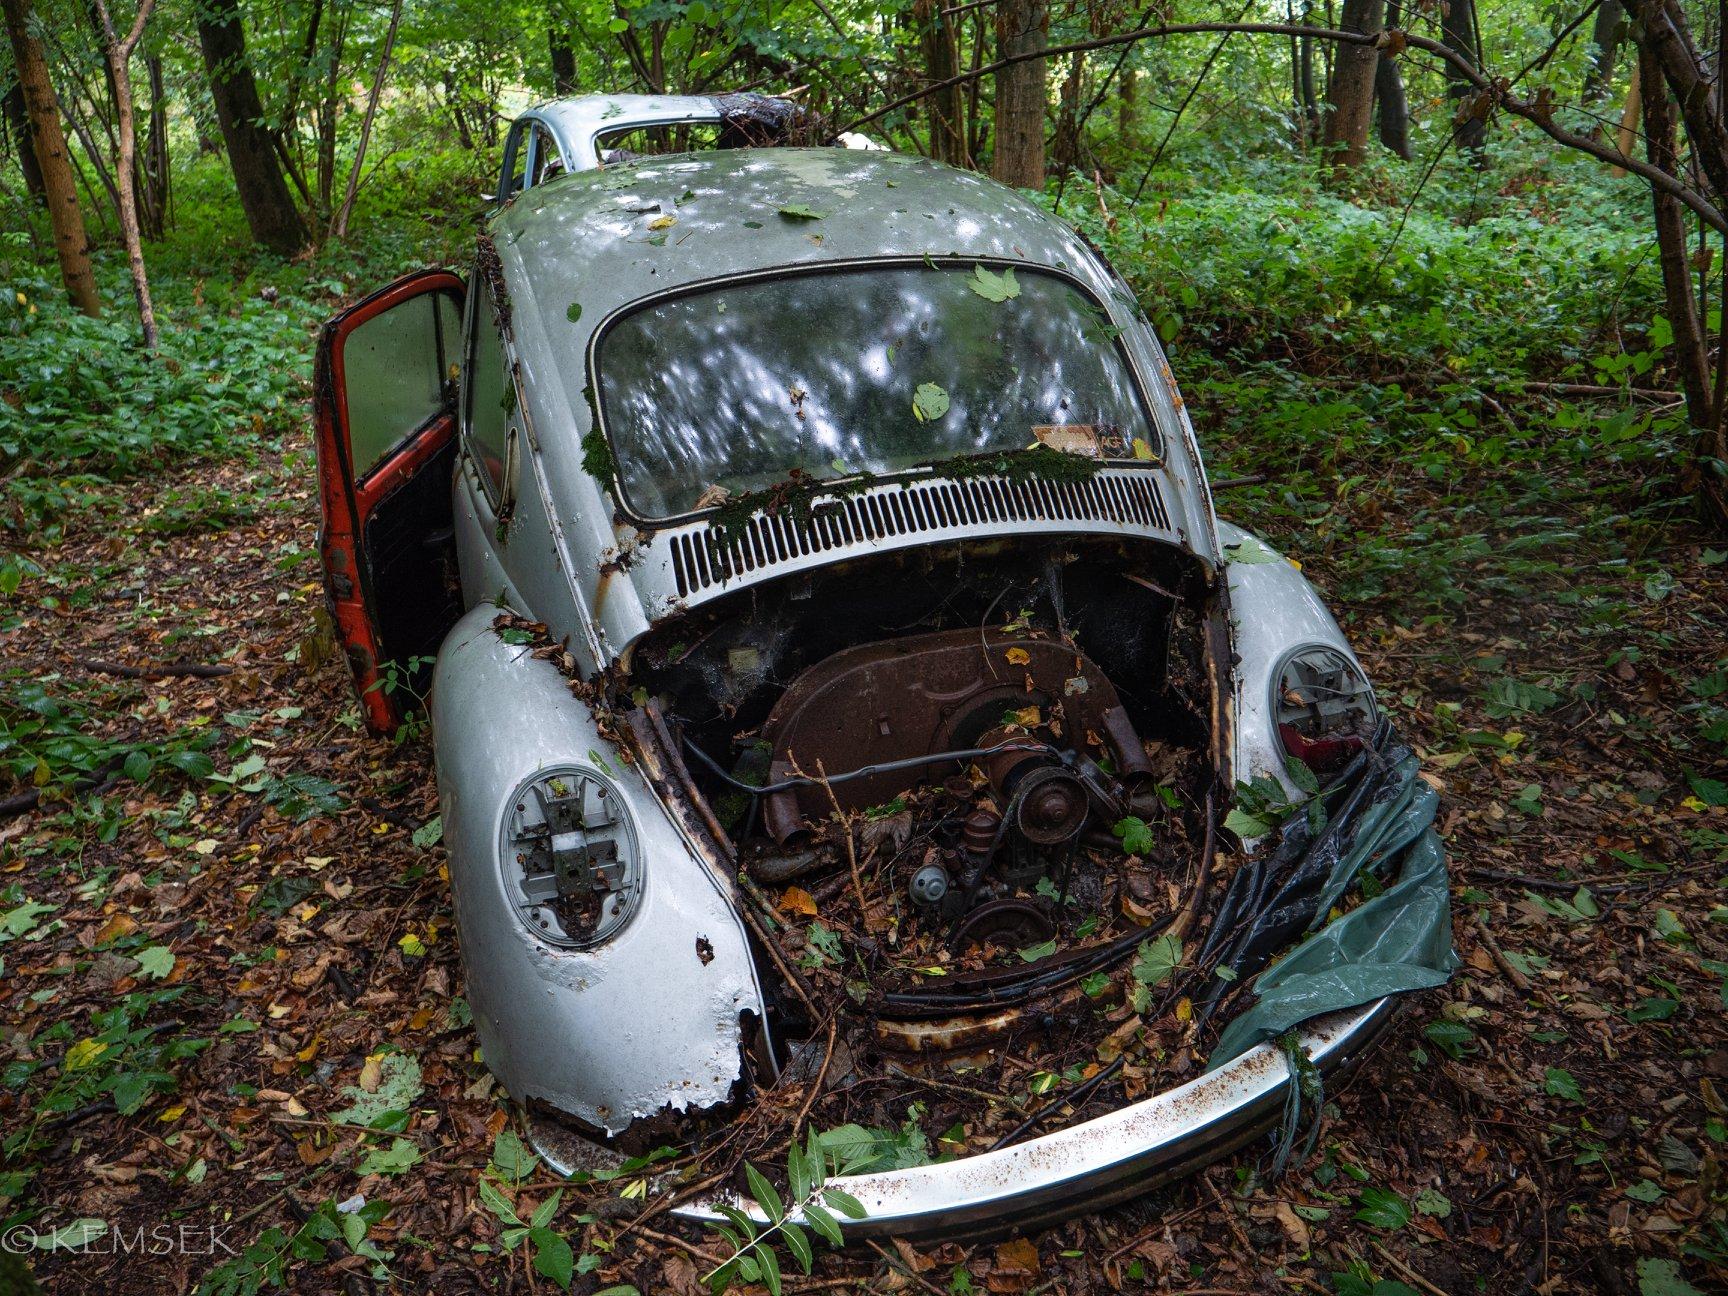 VW-in-rust-3